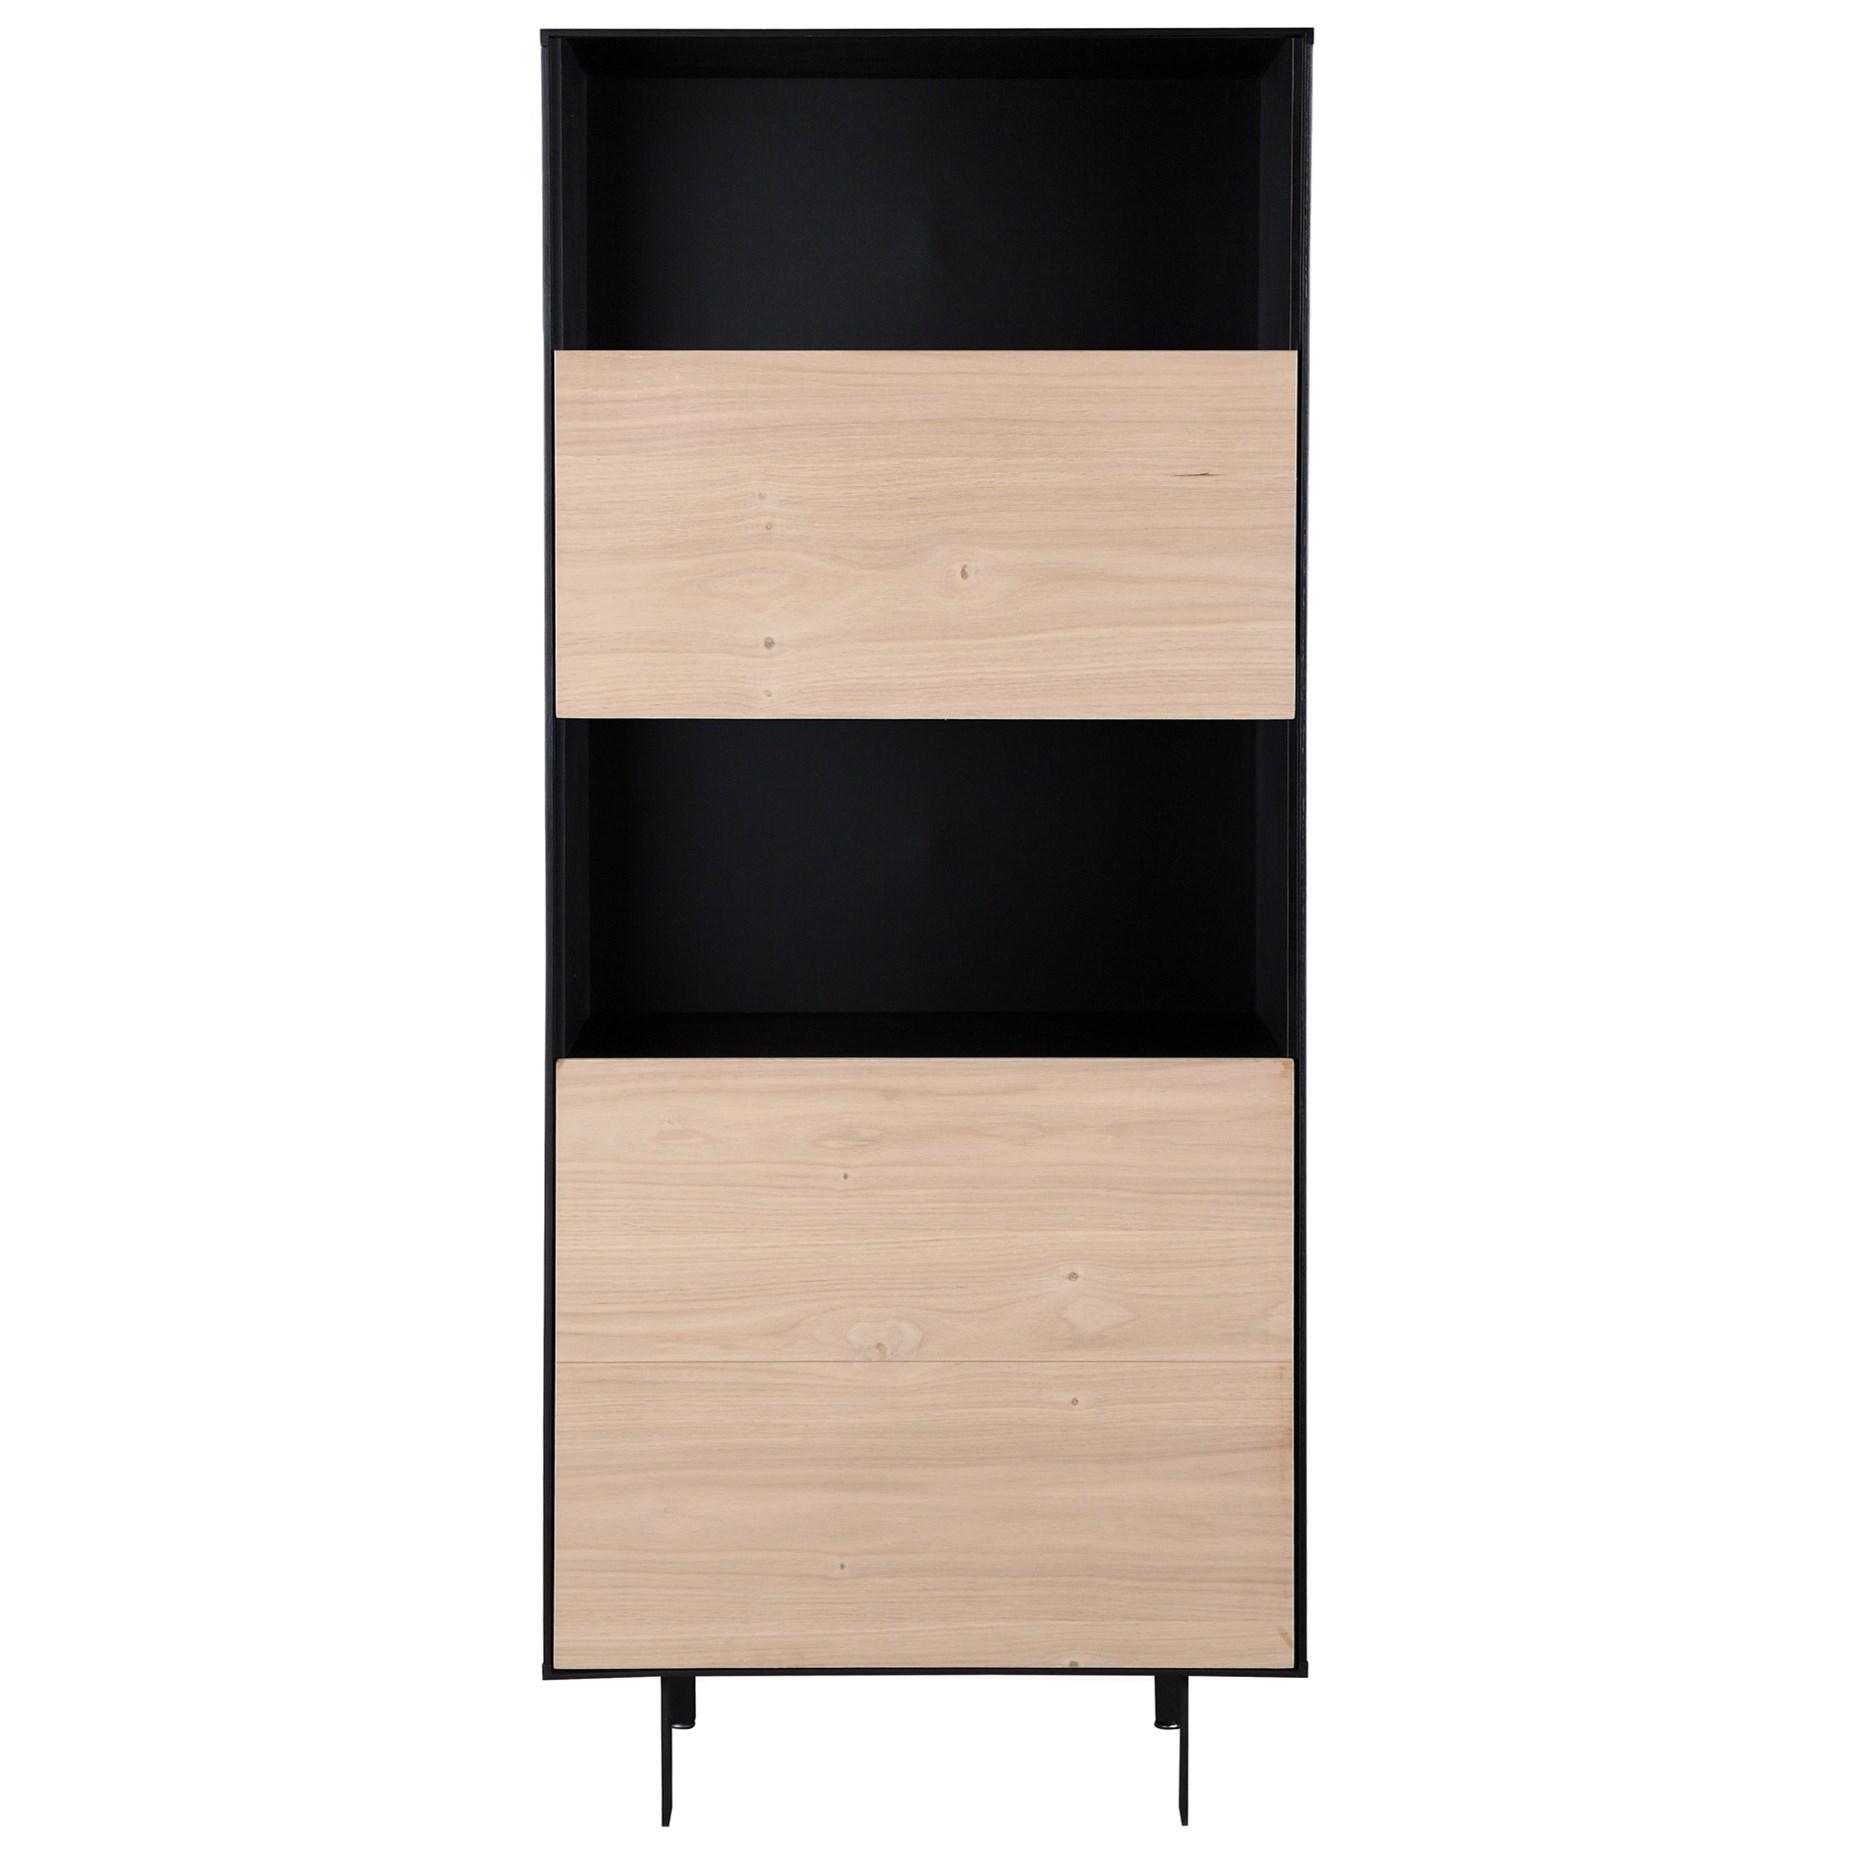 Moeu0027s Home Collection Damon Contemporary Bar Cabinet